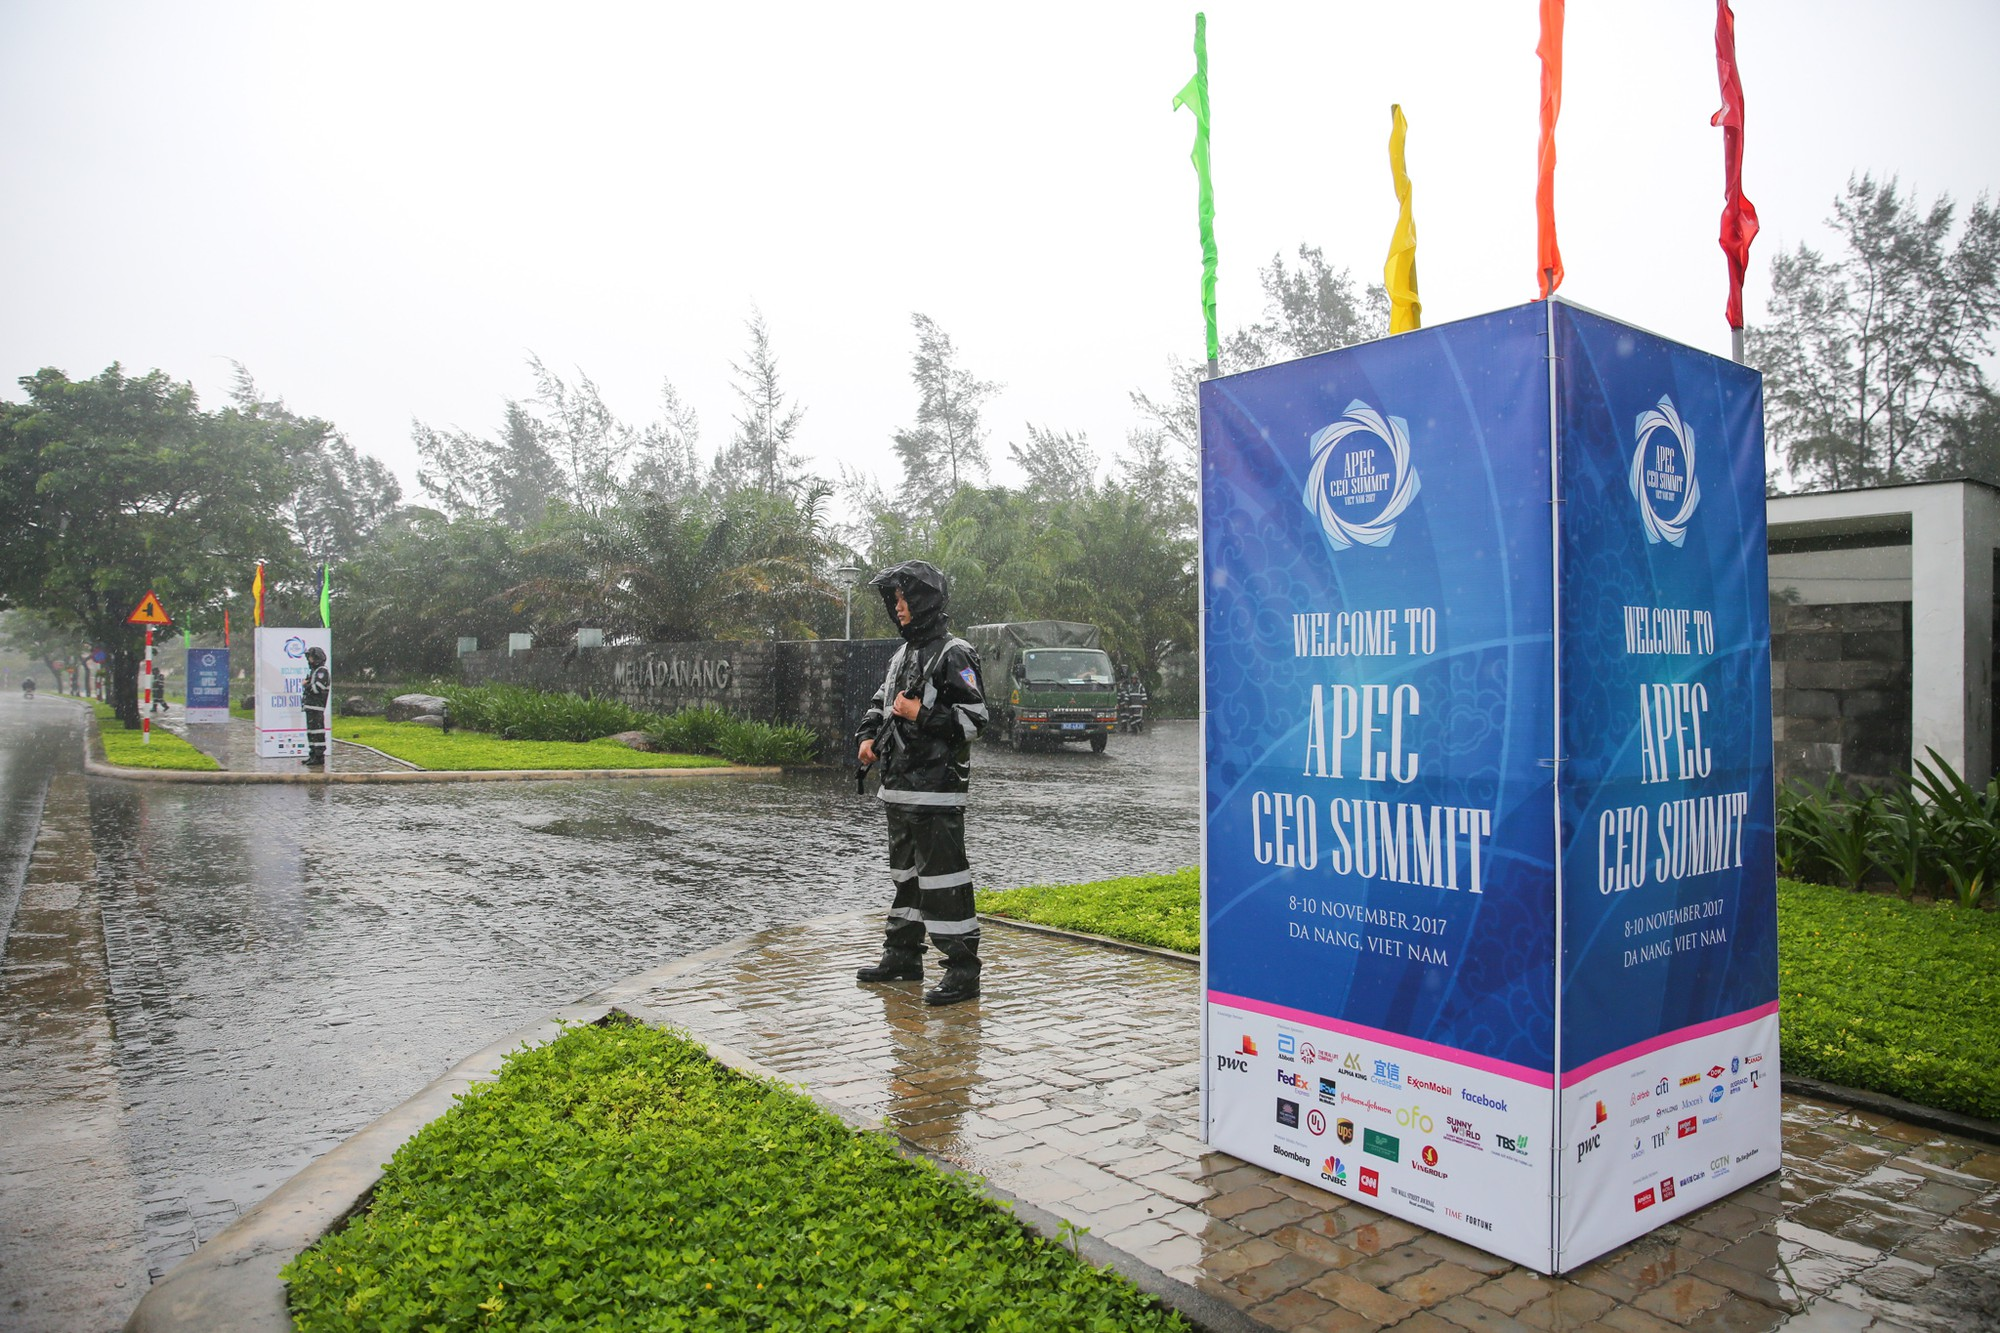 [PHOTO ESSAY] Toàn cảnh Đà Nẵng chạy đua với bão chuẩn bị cho khai mạc APEC - Ảnh 12.